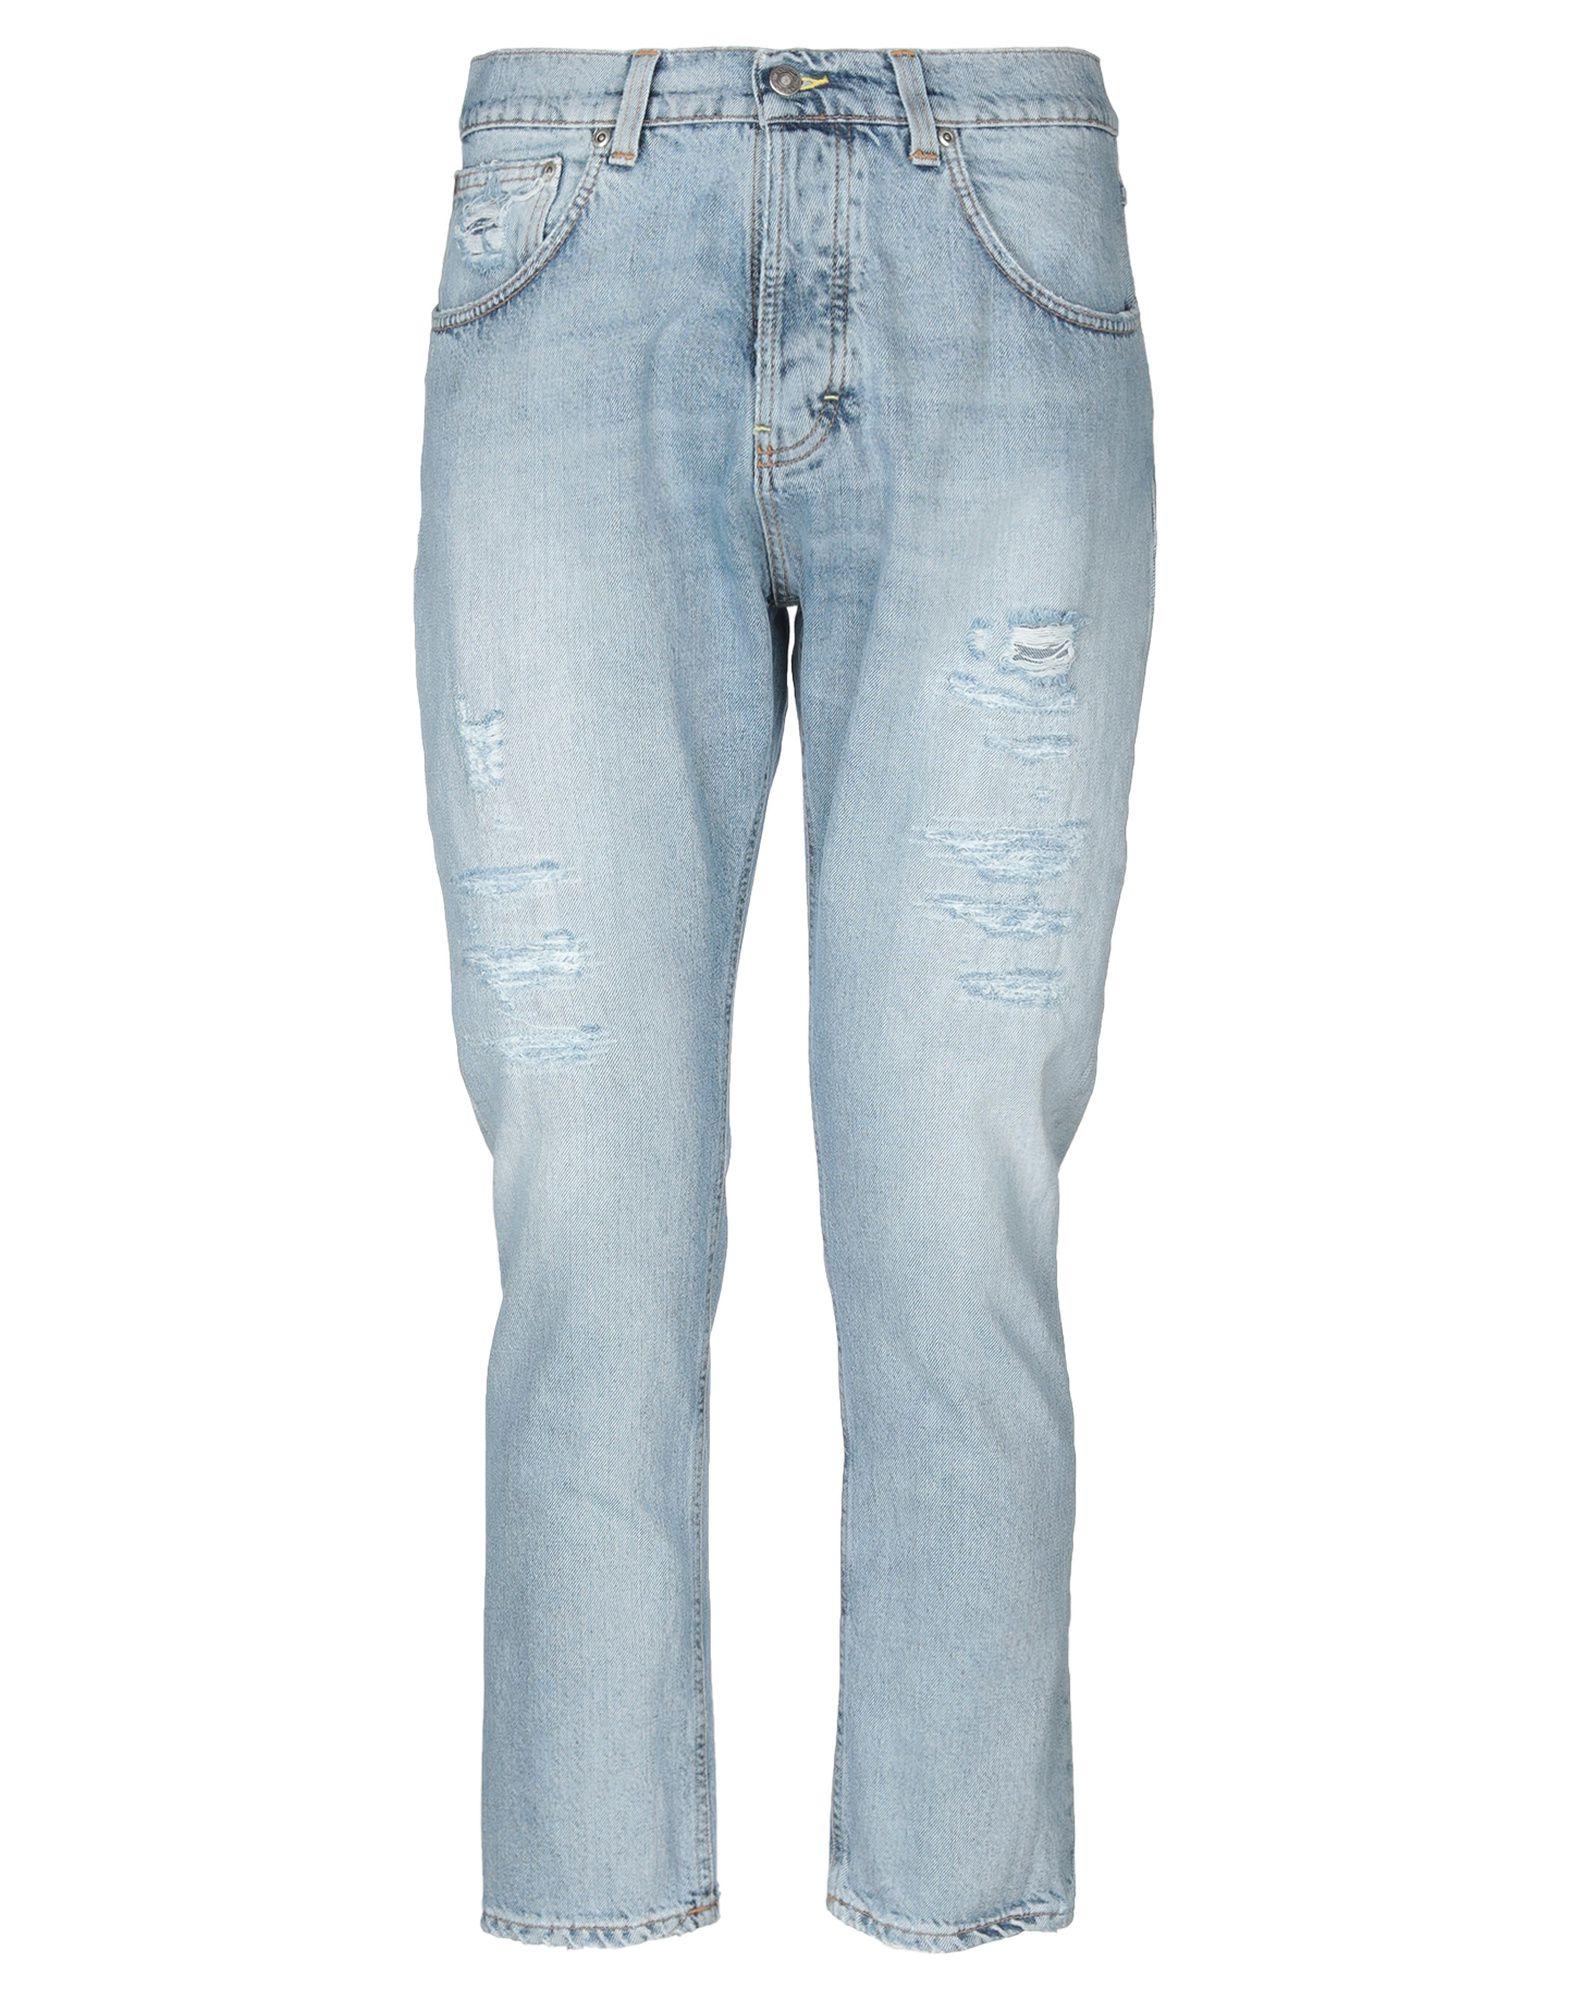 《送料無料》POETICA メンズ ジーンズ ブルー 32 コットン 100%